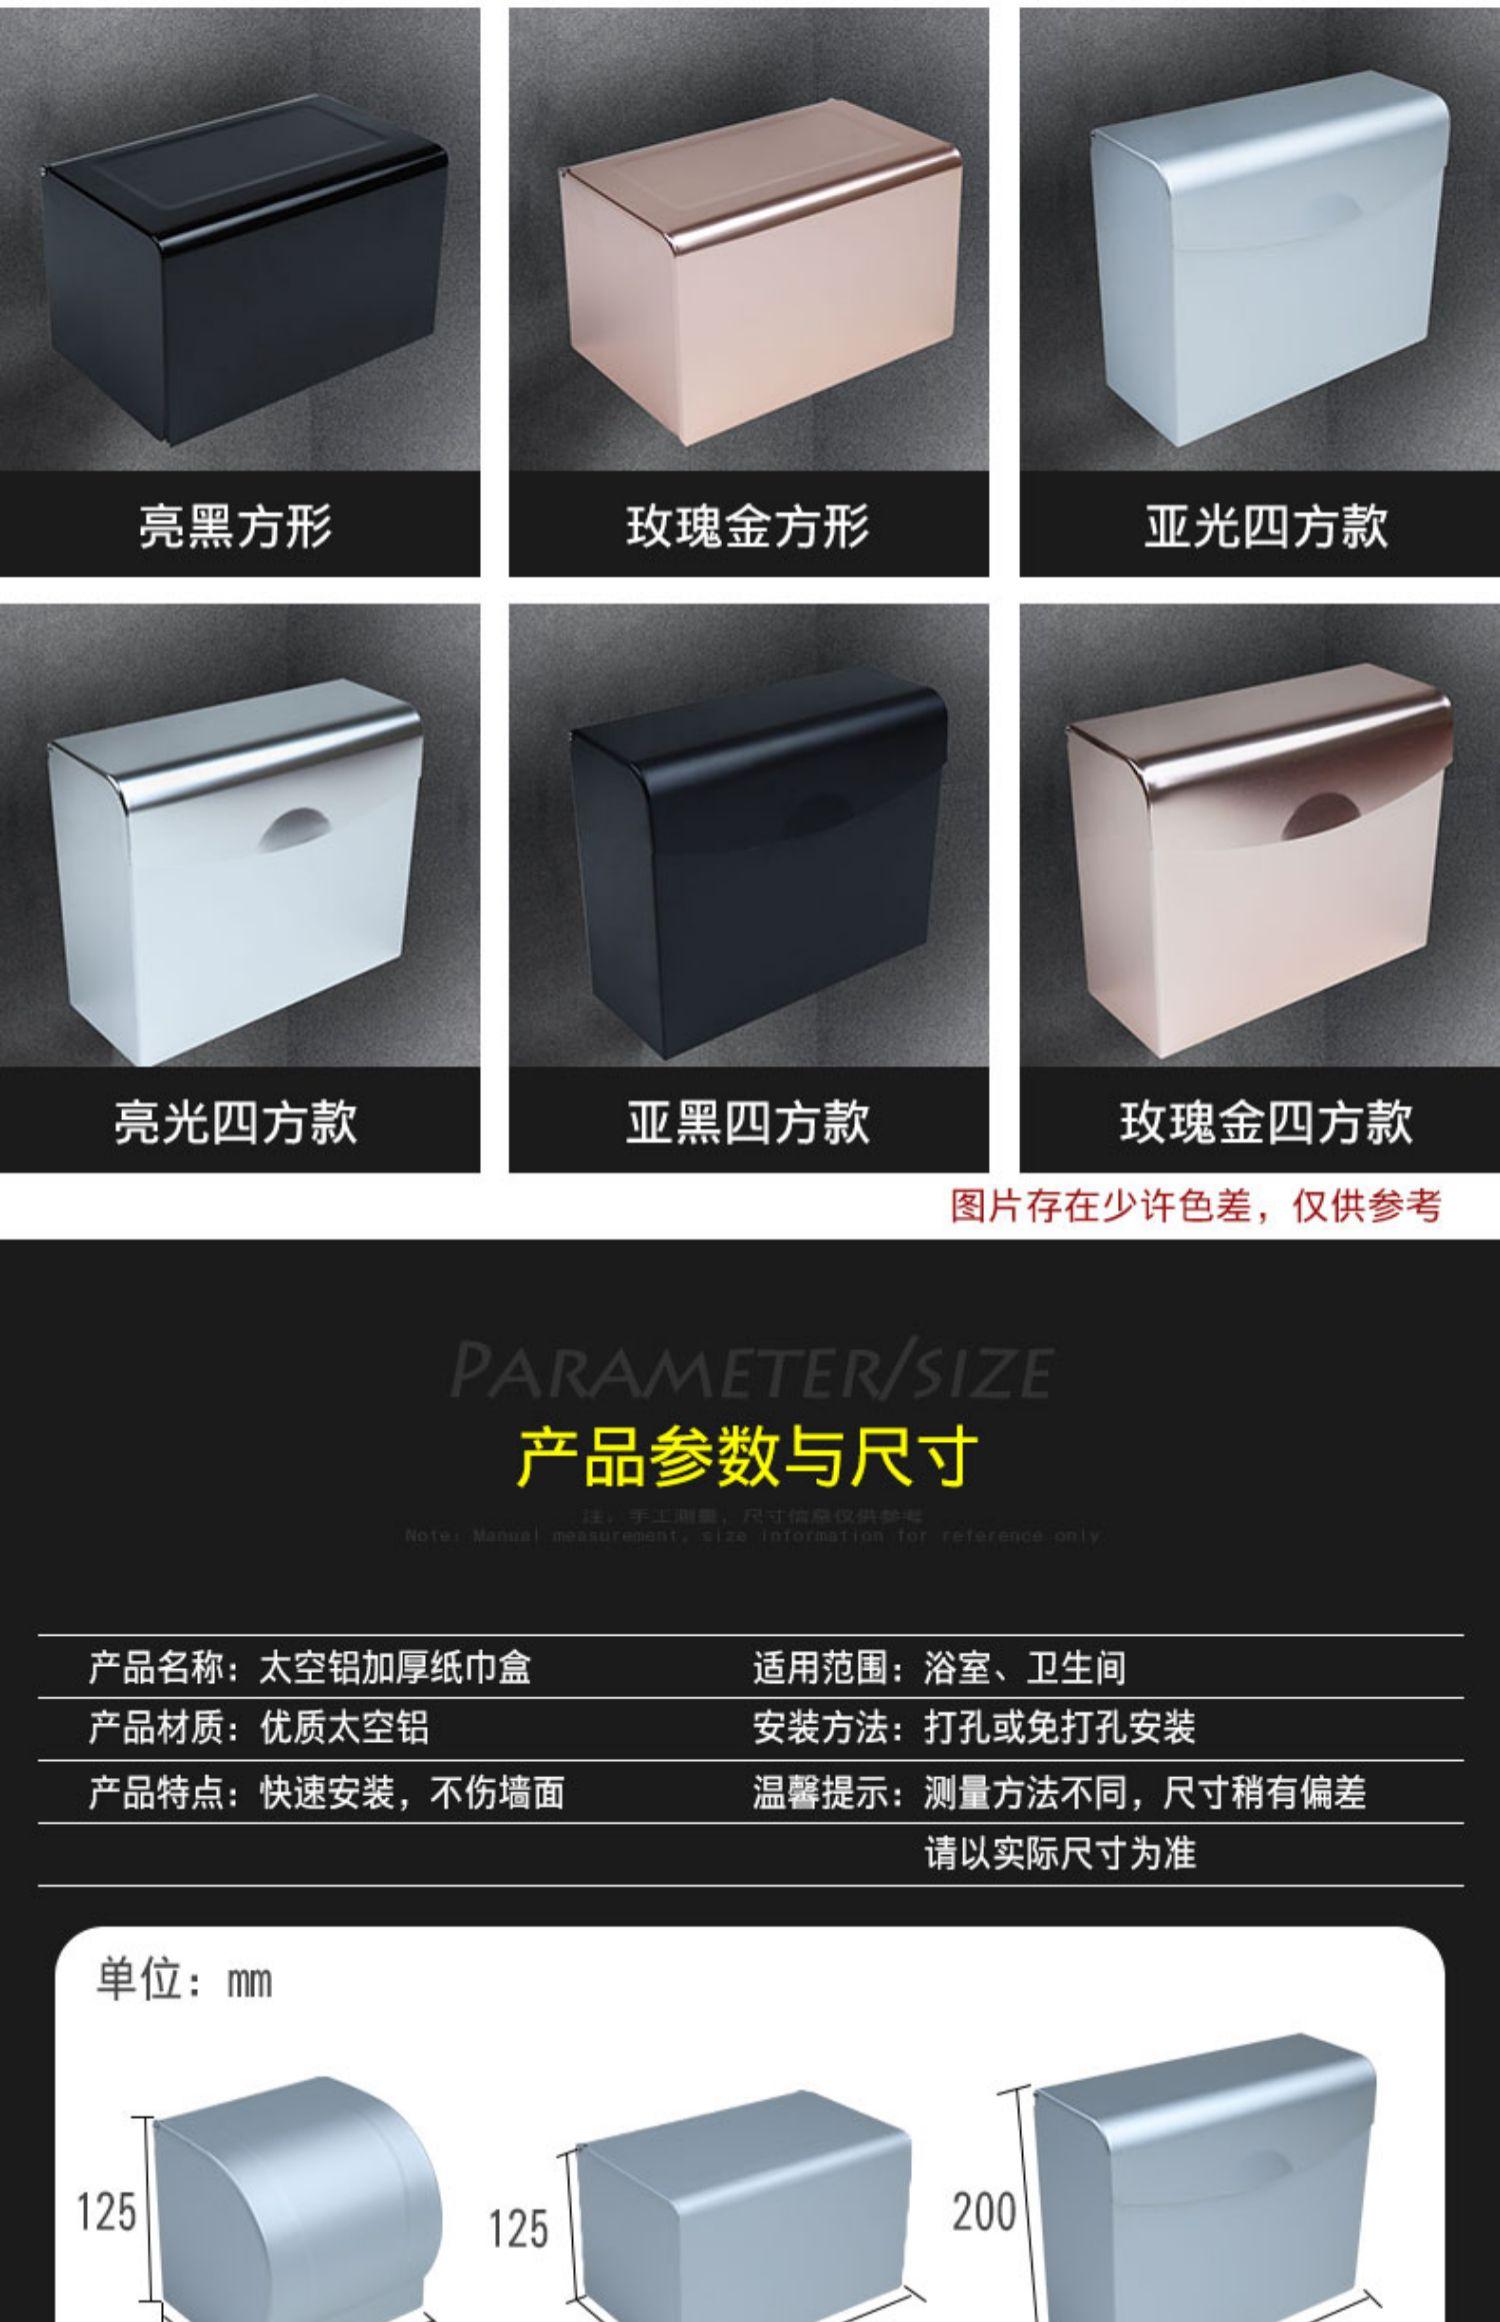 式擦手纸吸盘筒置厕壁挂卫生间卷纸